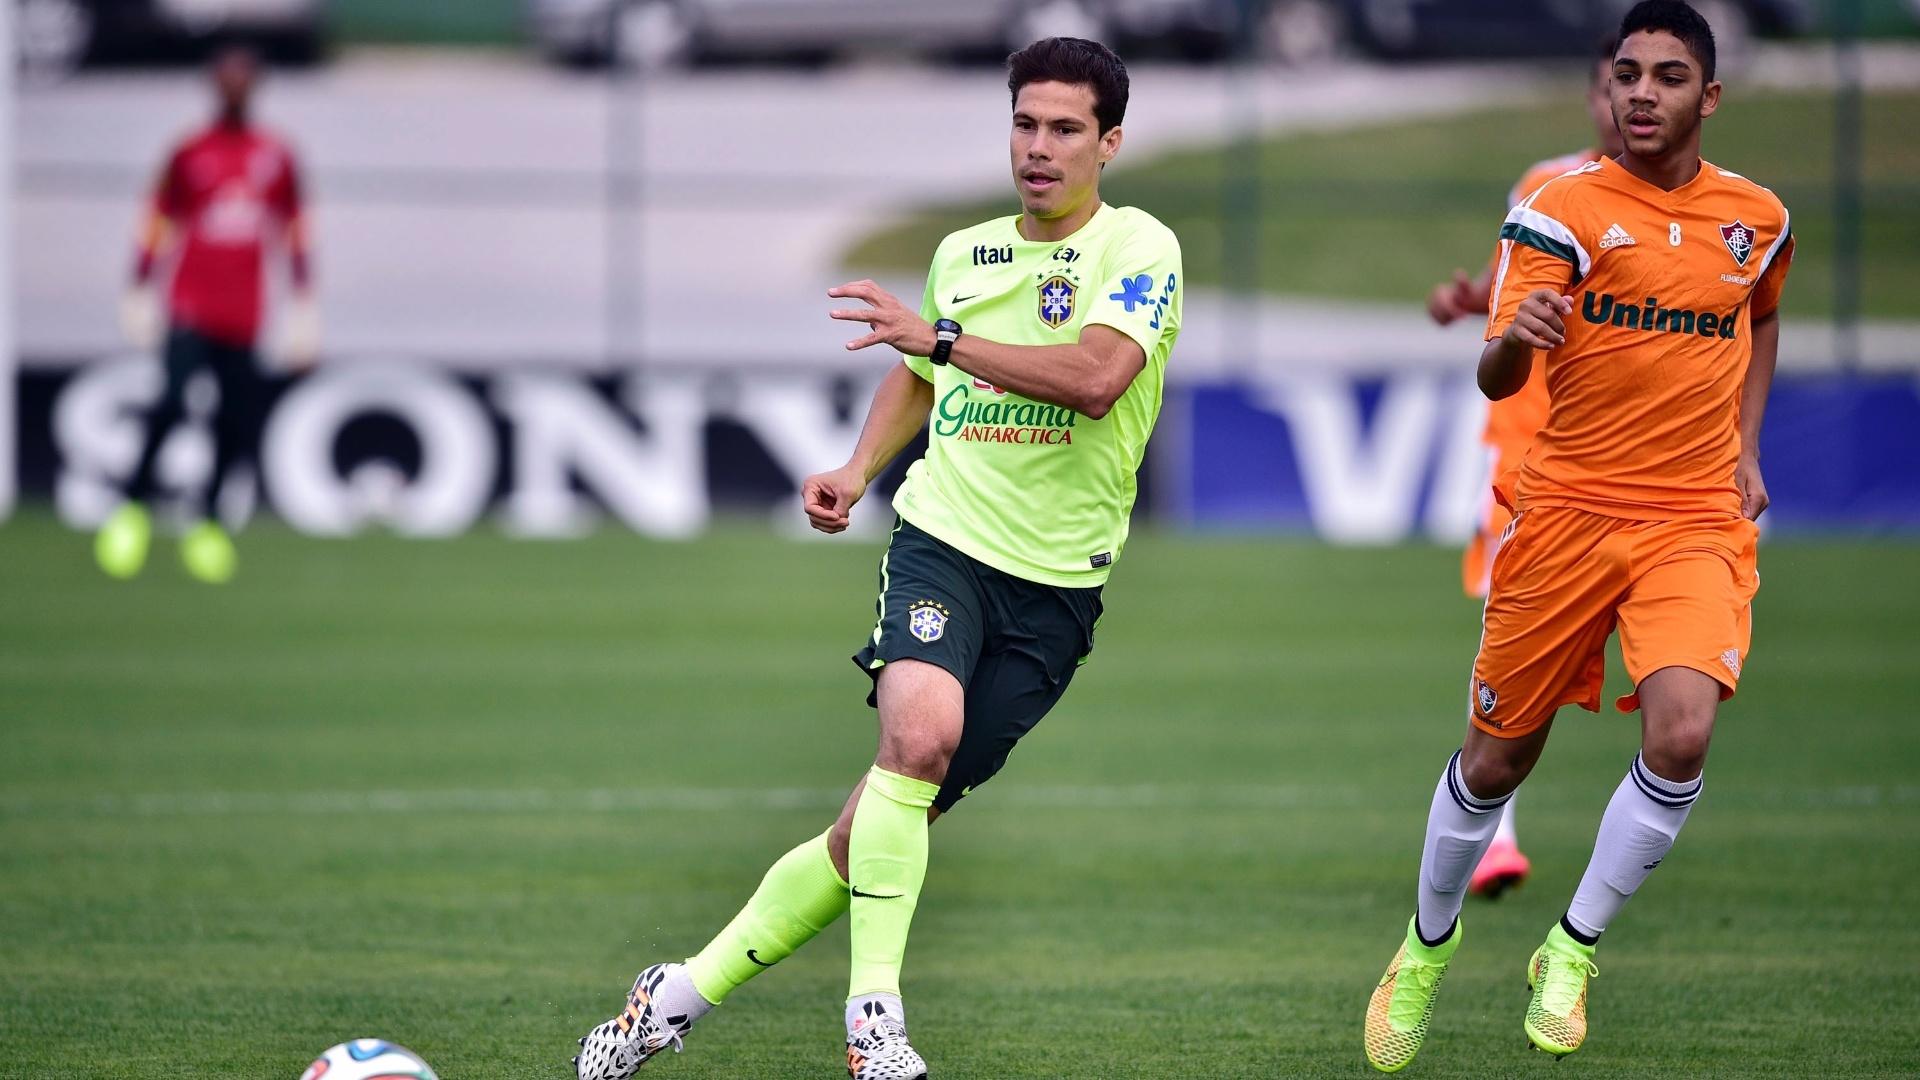 06.jul.2014 - Hernanes tenta criar jogada durante treino dos reservas da seleção contra o time sub-20 do Fluminense